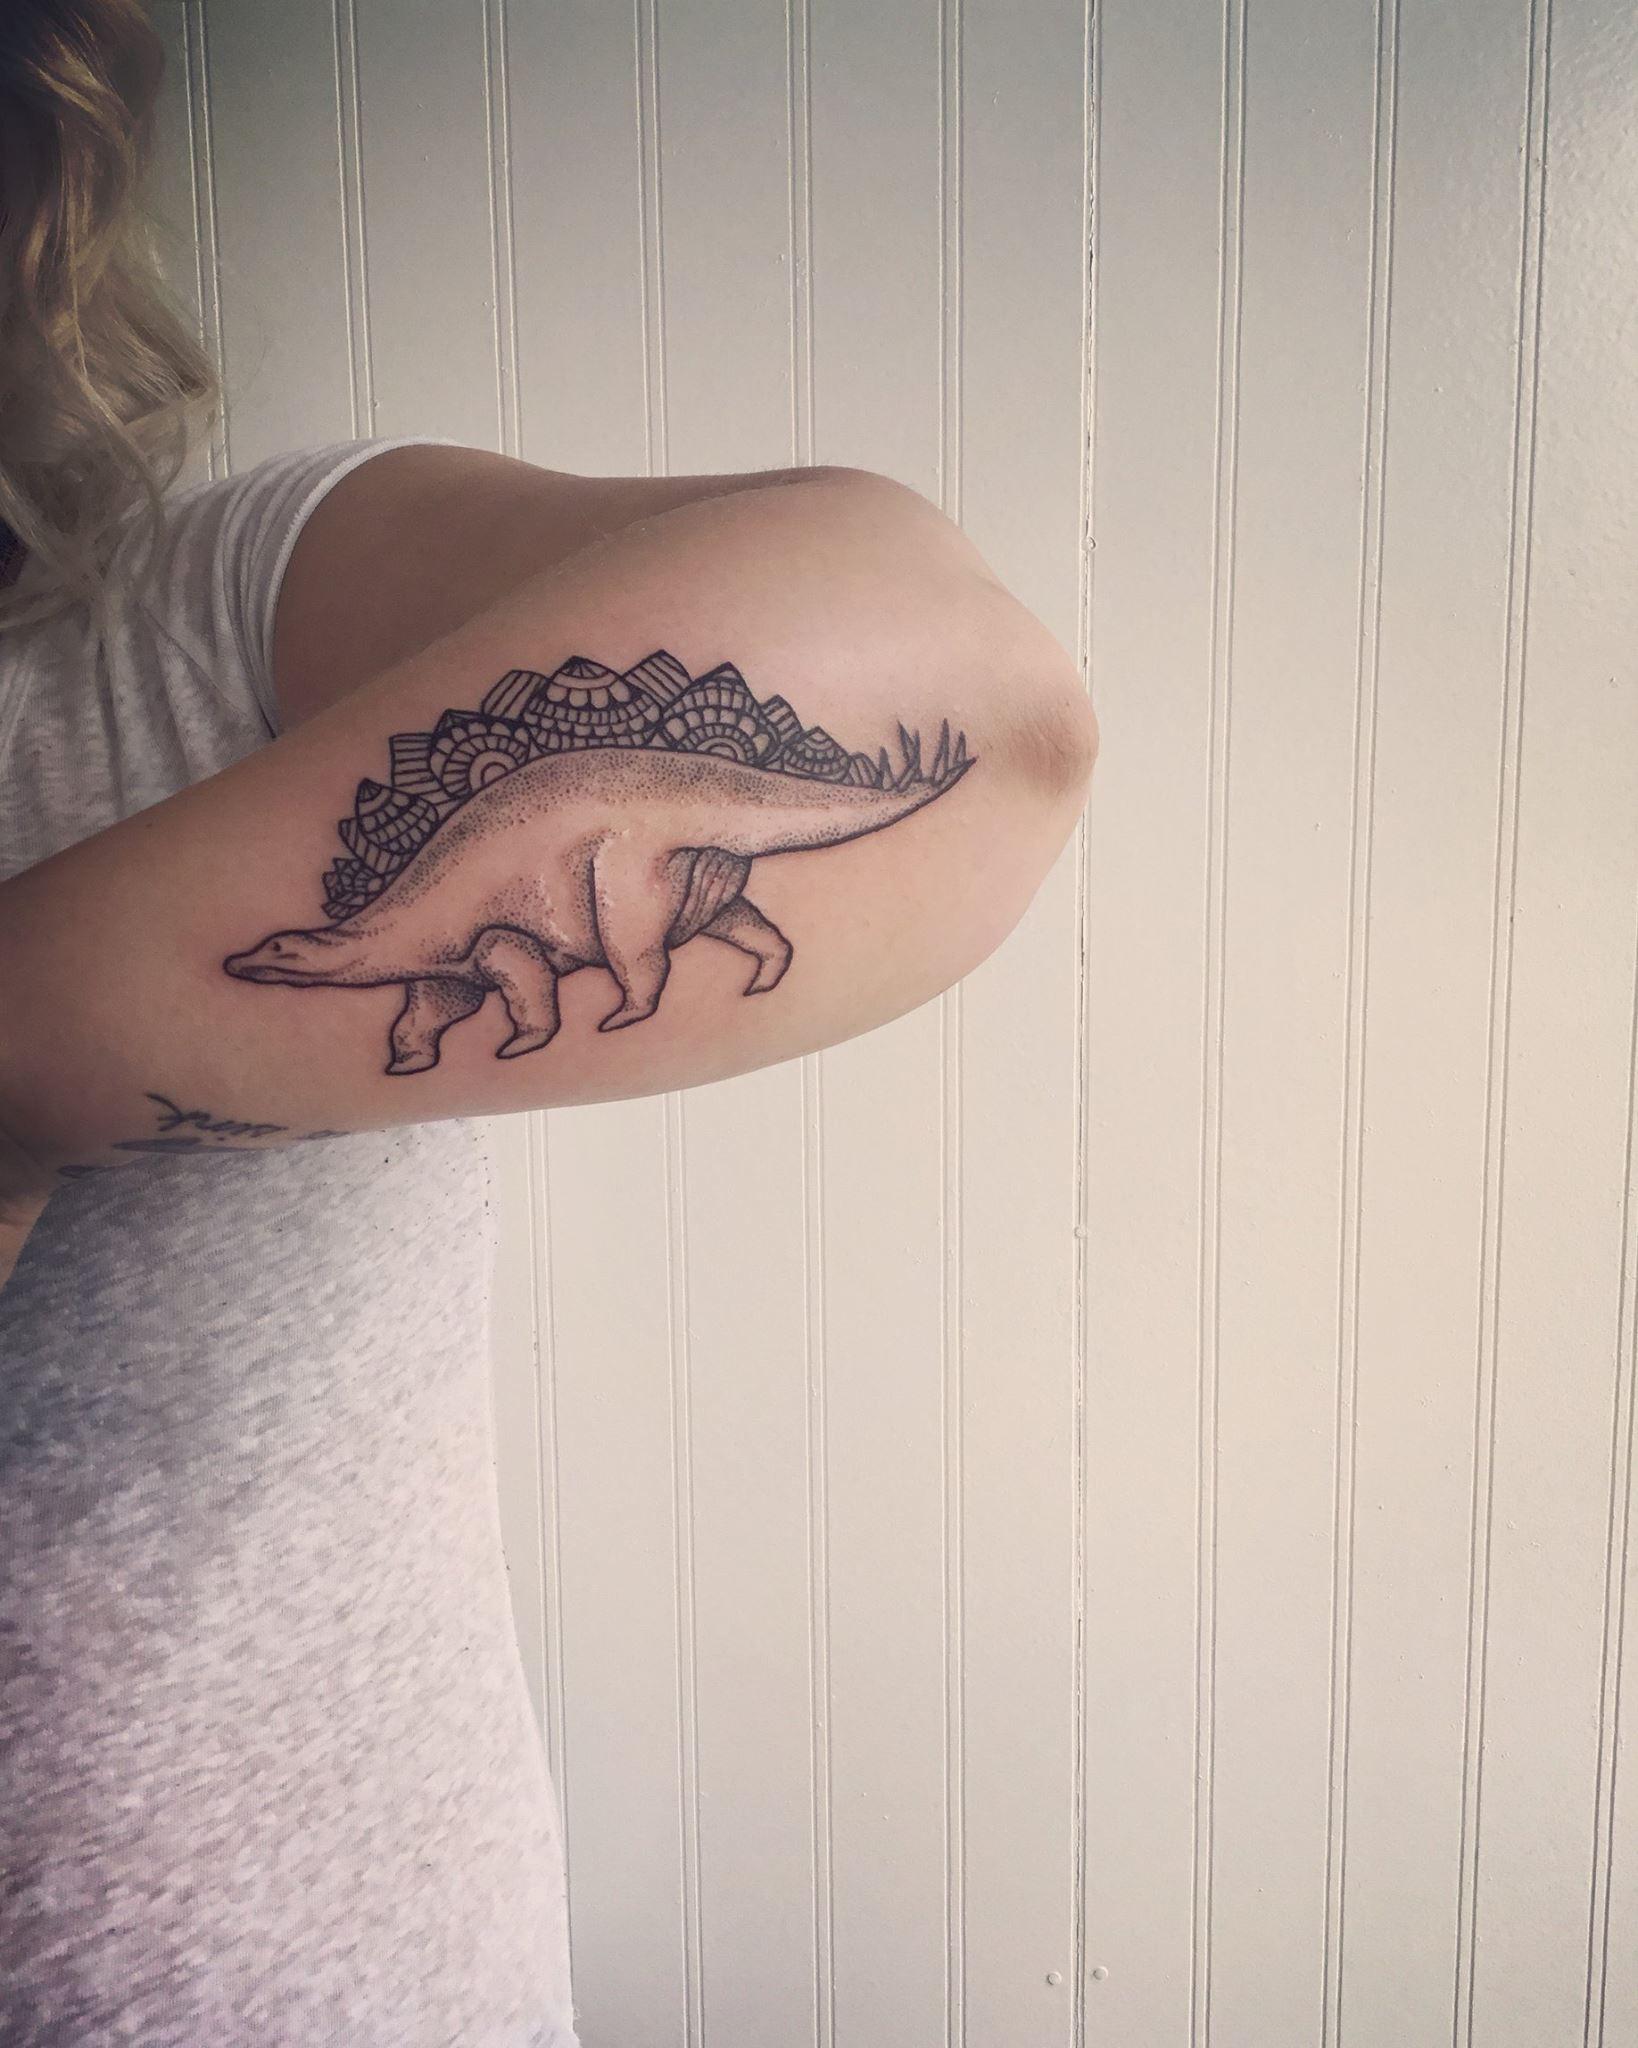 Stippling dinosaur tattoo by Casey Hart at Rose Red Tattoo Ellicott City MD #dinosaurtattoos